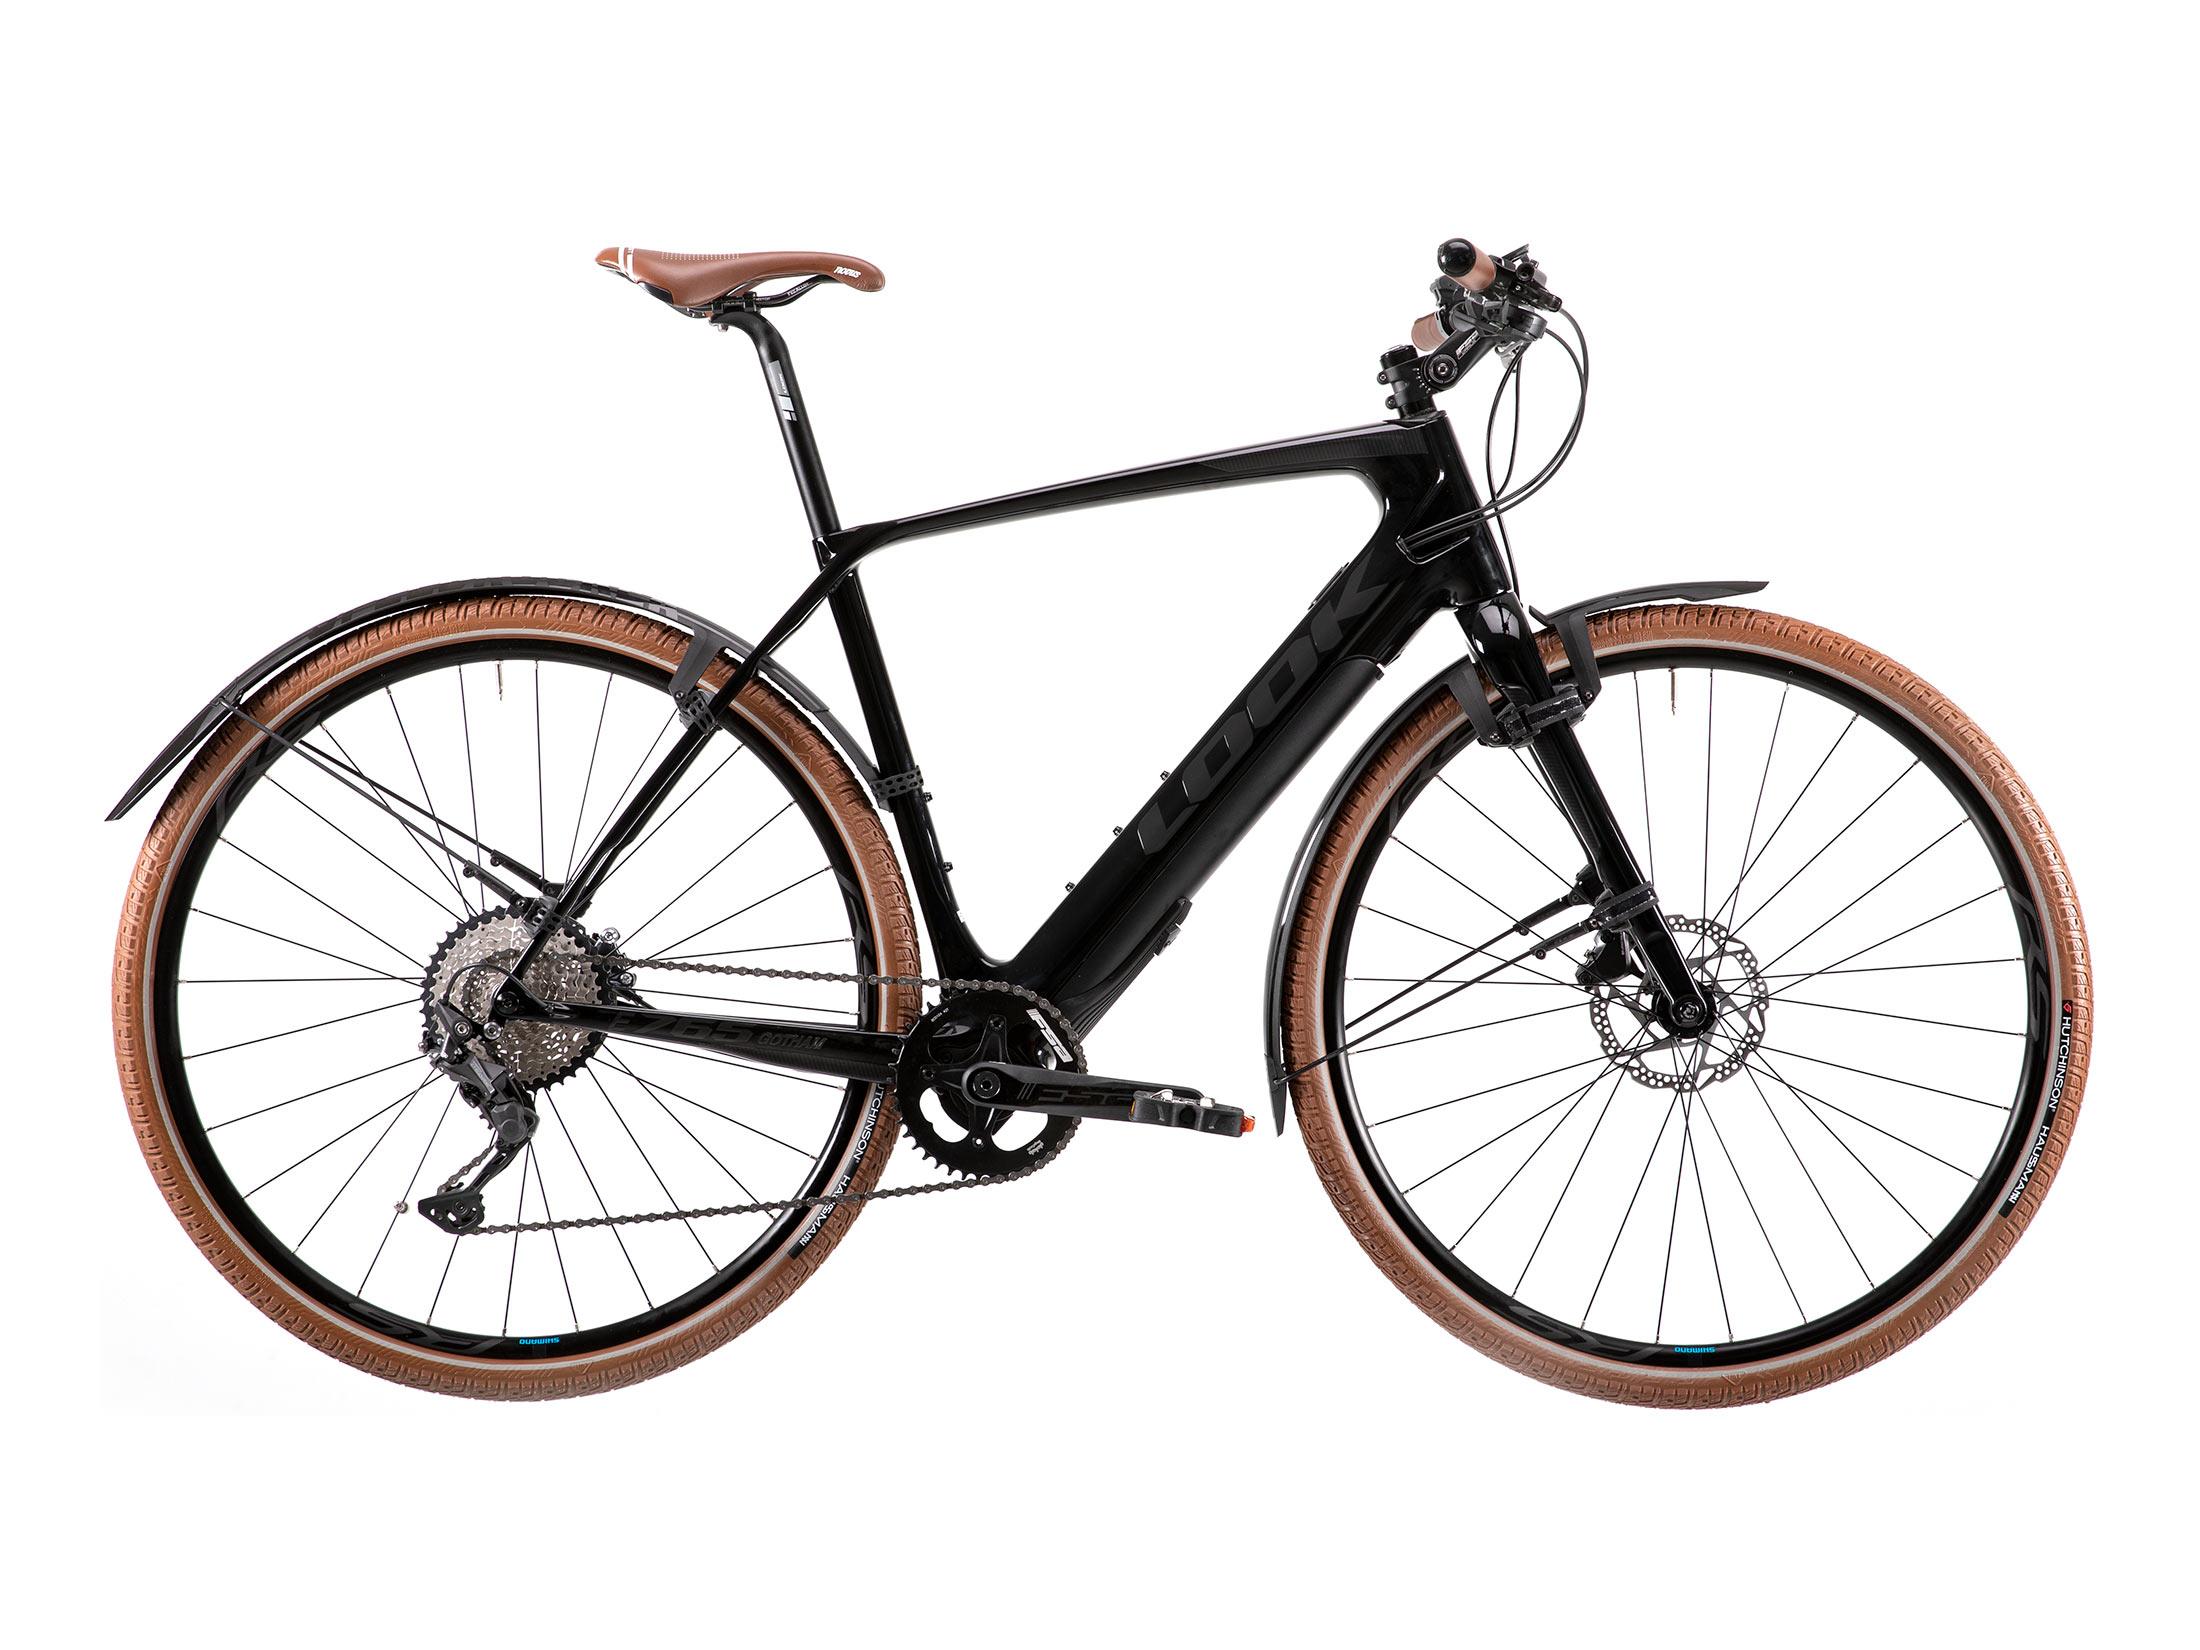 Ηλεκτρικό Ποδήλατο Look E-765 Gotham